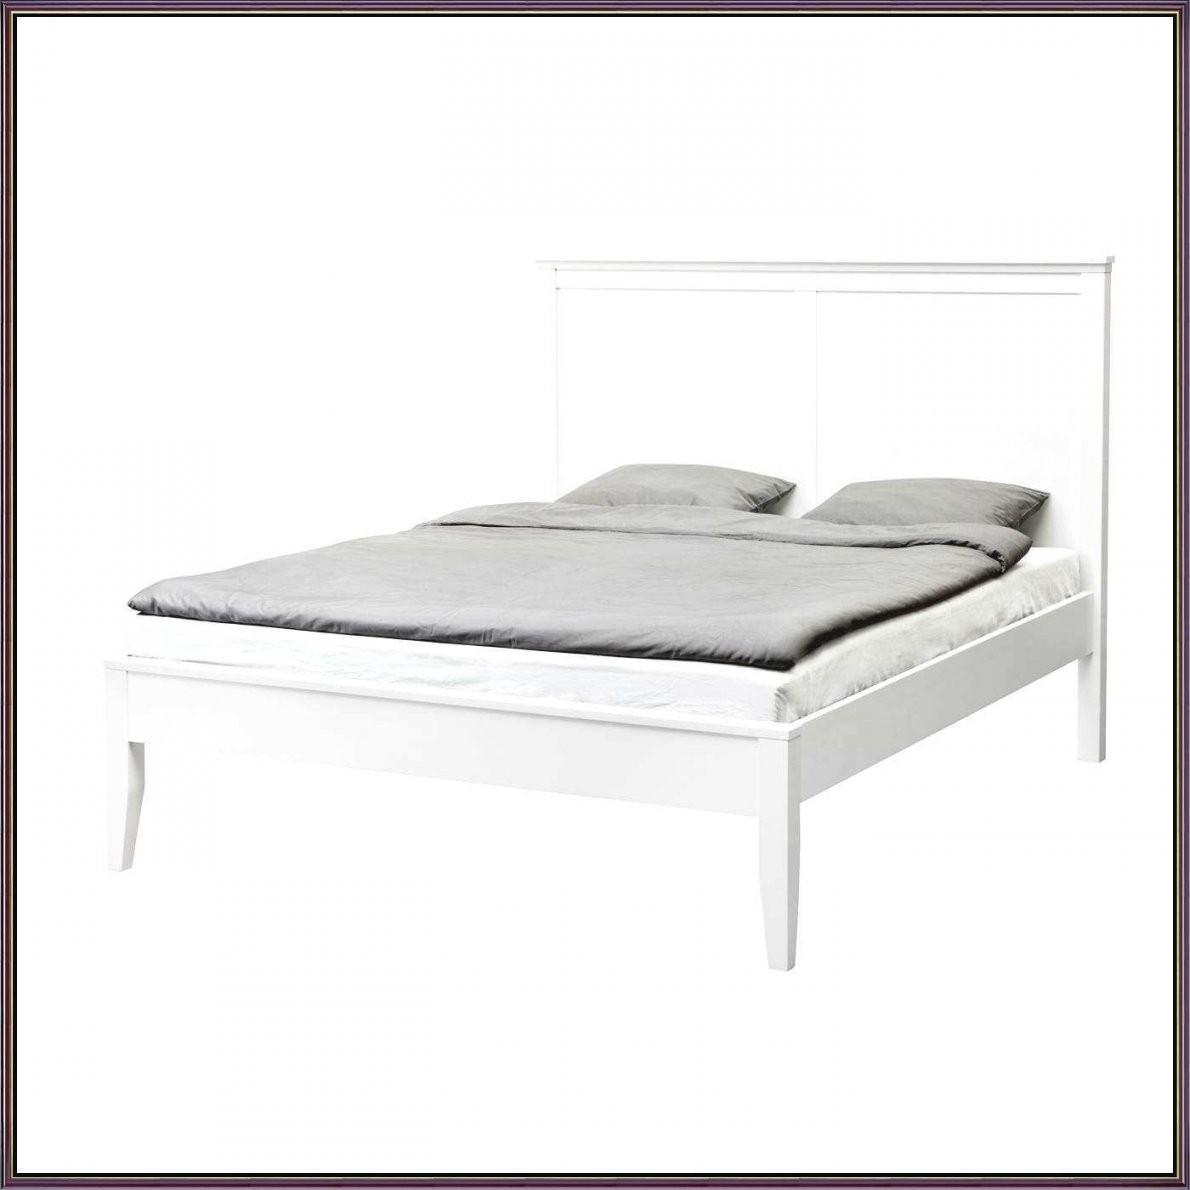 Ikea Malm Bett 140×200  Imgti von Ikea Malm Bett 140X200 Weiß Bild